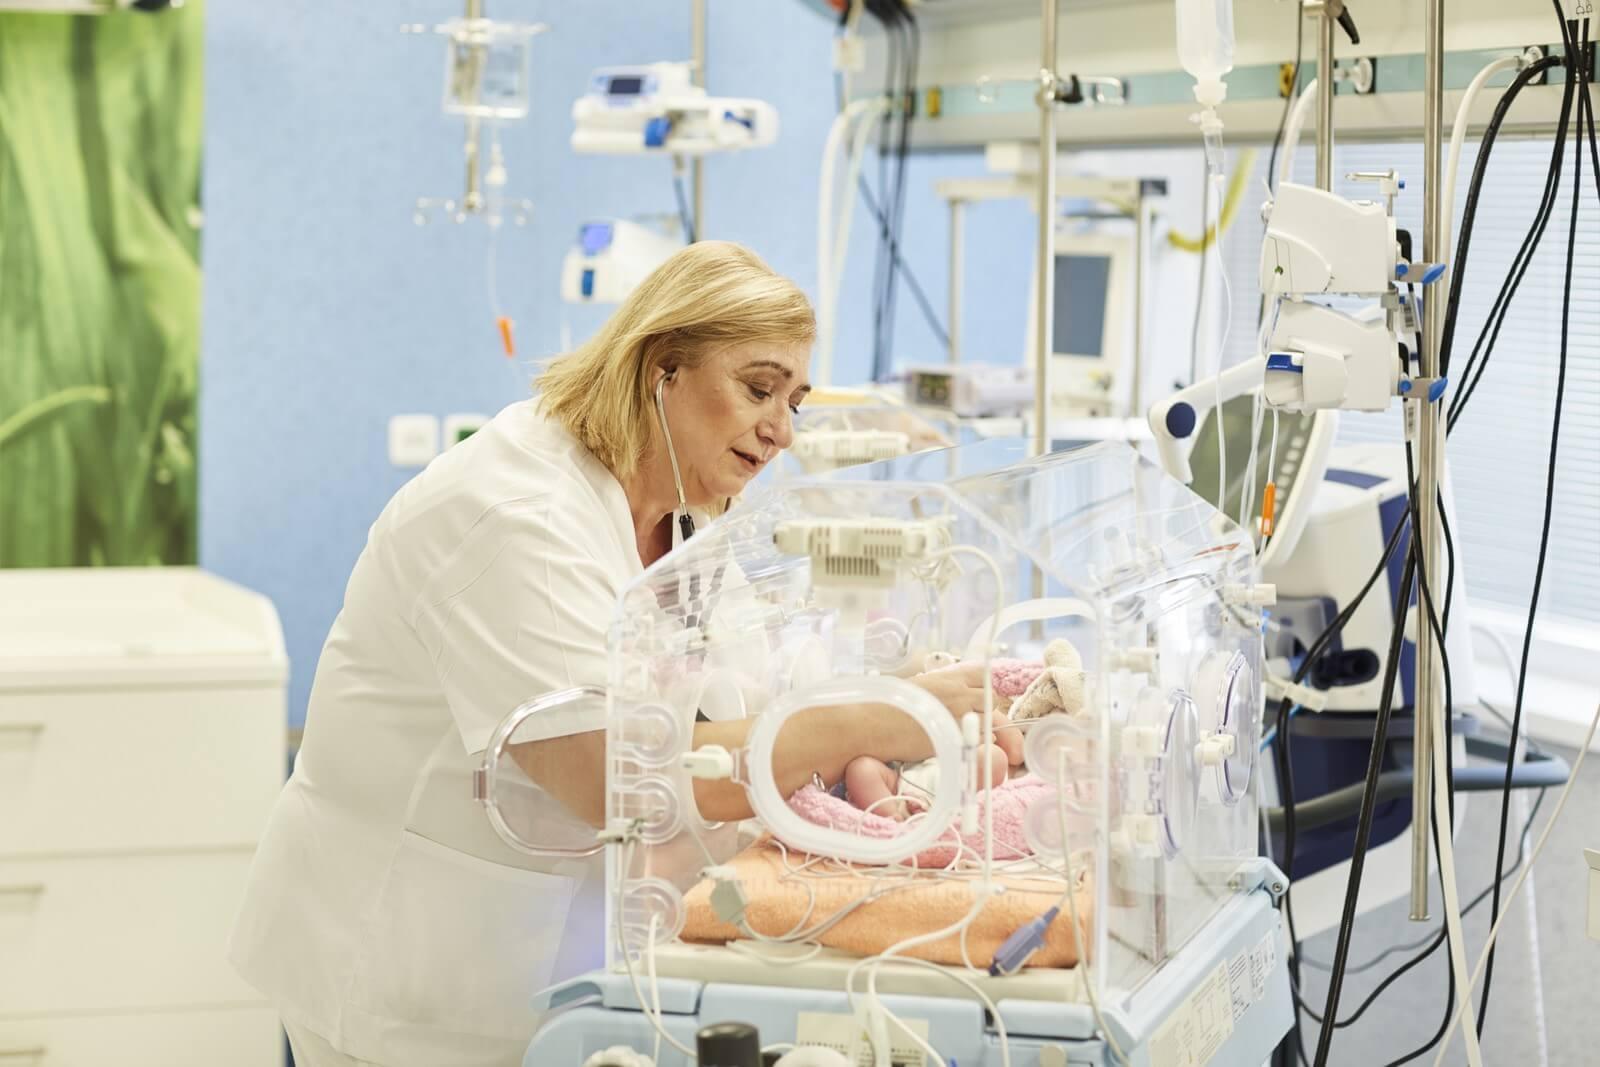 nemocnica bory - porodnica - neonatologia pediater inkubator